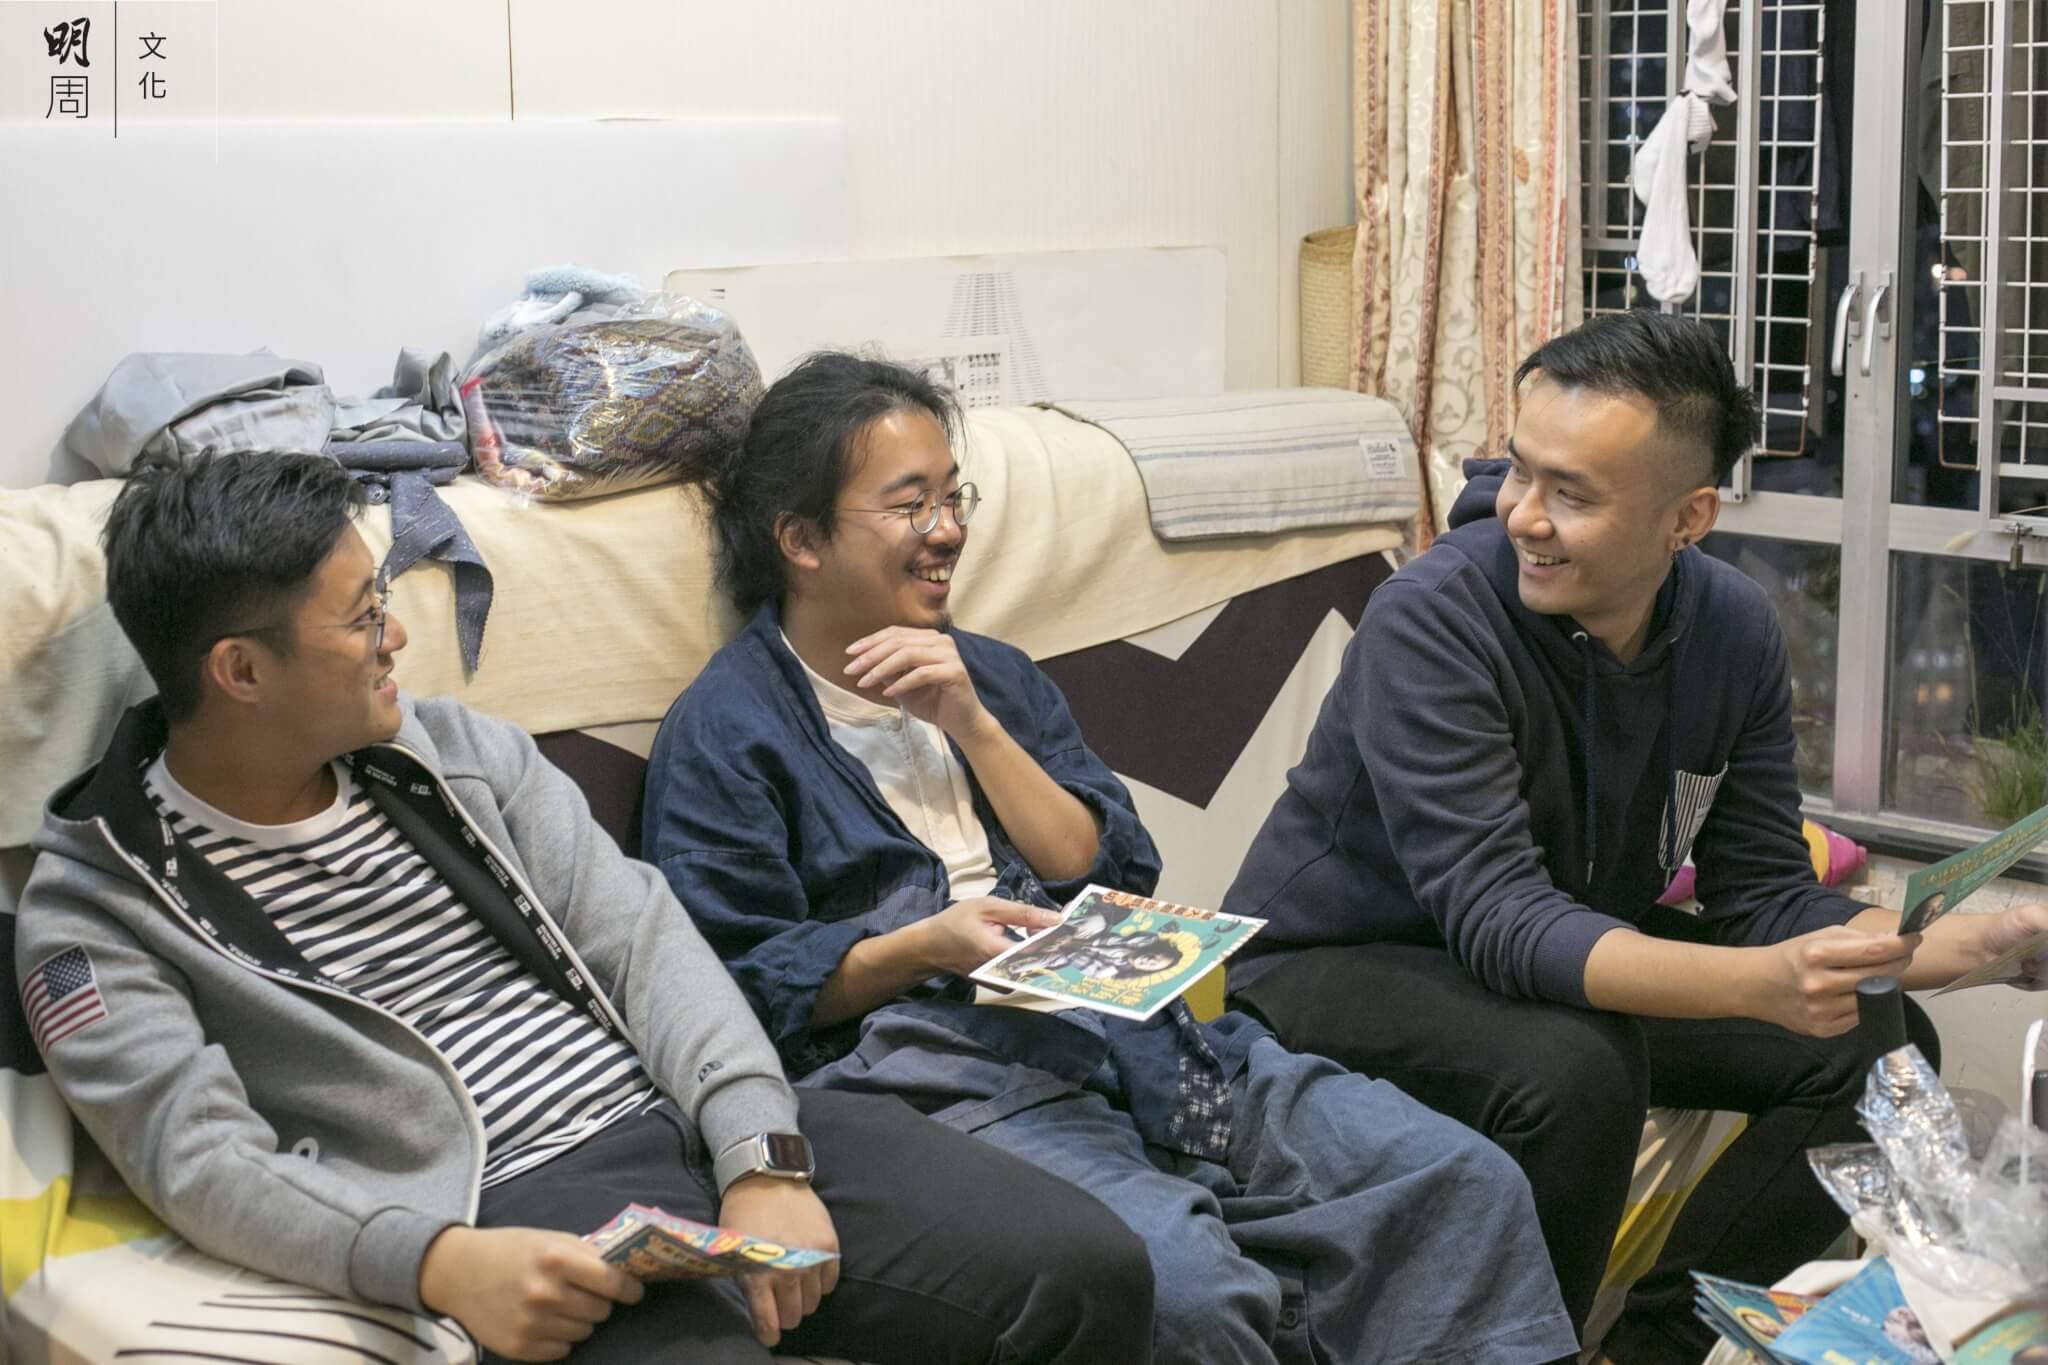 連桷璋的文宣幕後功臣是現職設計公司藝術總監的Ming(右)和攝影師Issac(左)。Ming是連識於微時的中學同學,而Issac則透過Ming與連結交,他們在去年6月抗爭運動爆發前,會一起打機、打羽毛球;抗爭爆發後,他們也想盡能力,為社會做一點事,所以無償協助連競選。